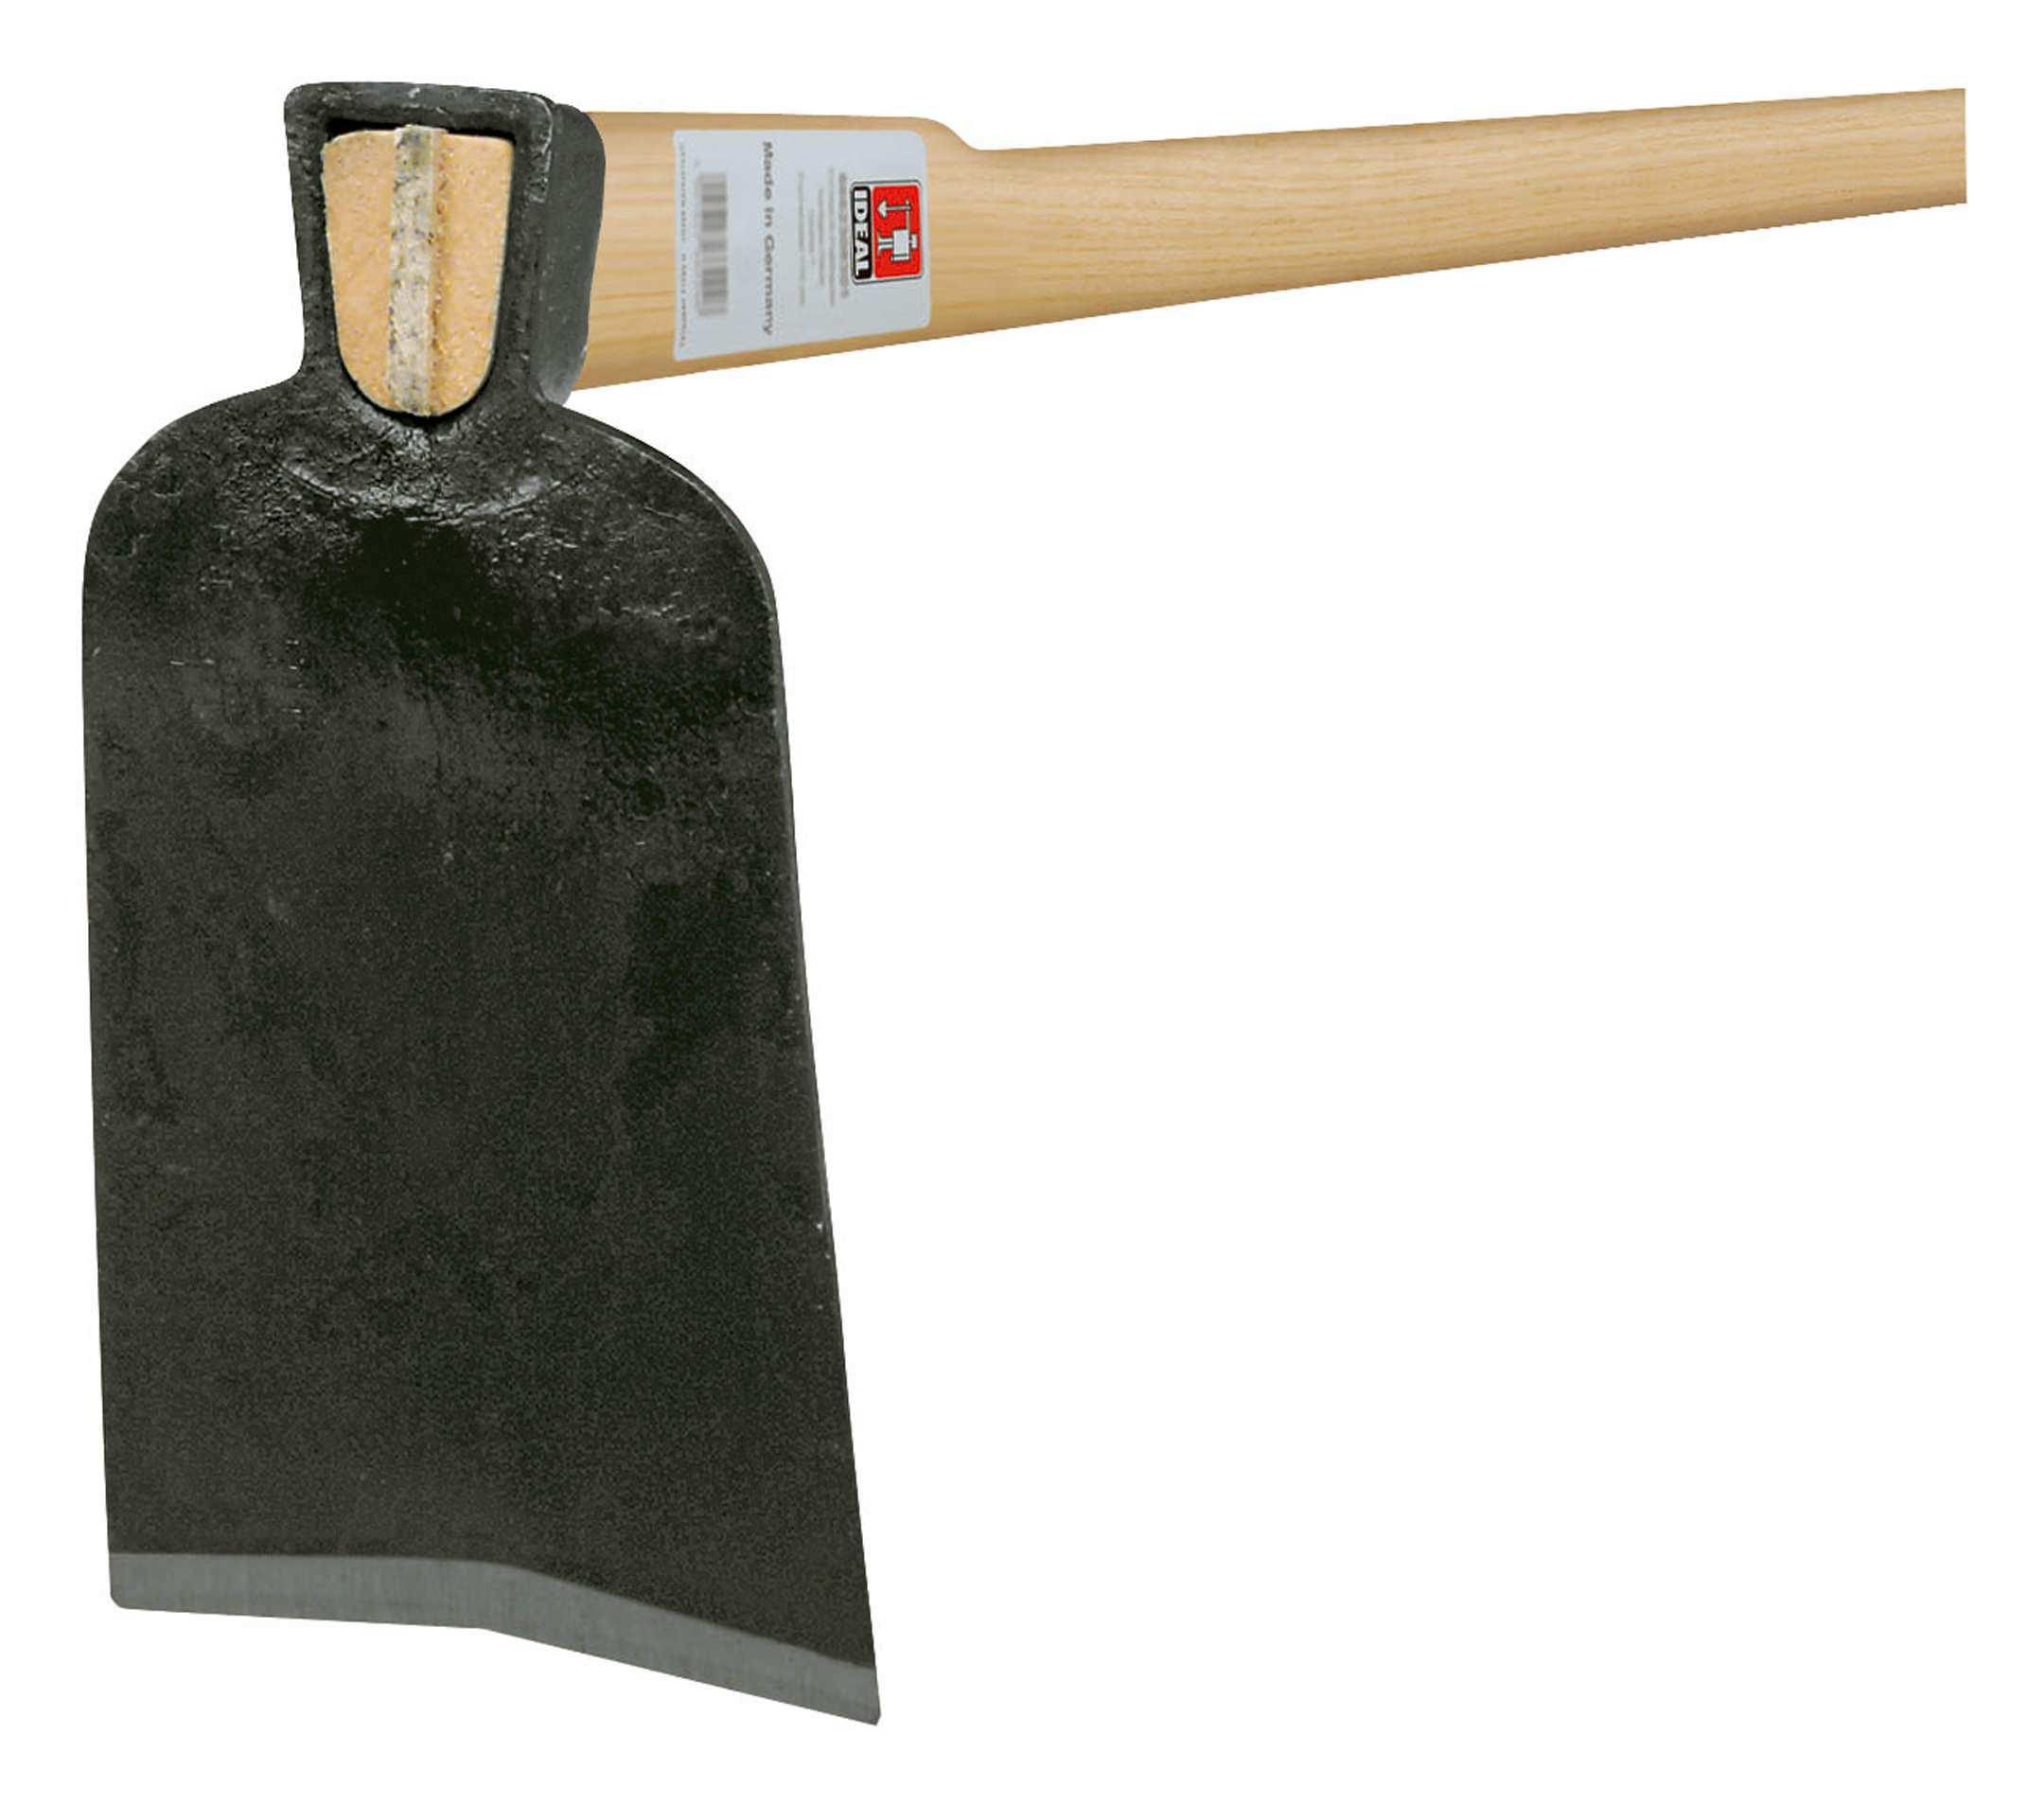 Idealspaten Ideal Ulmer Hacke geschmiedet mit Eschestiel 1350mm Größe 0 kantiges... 66740001